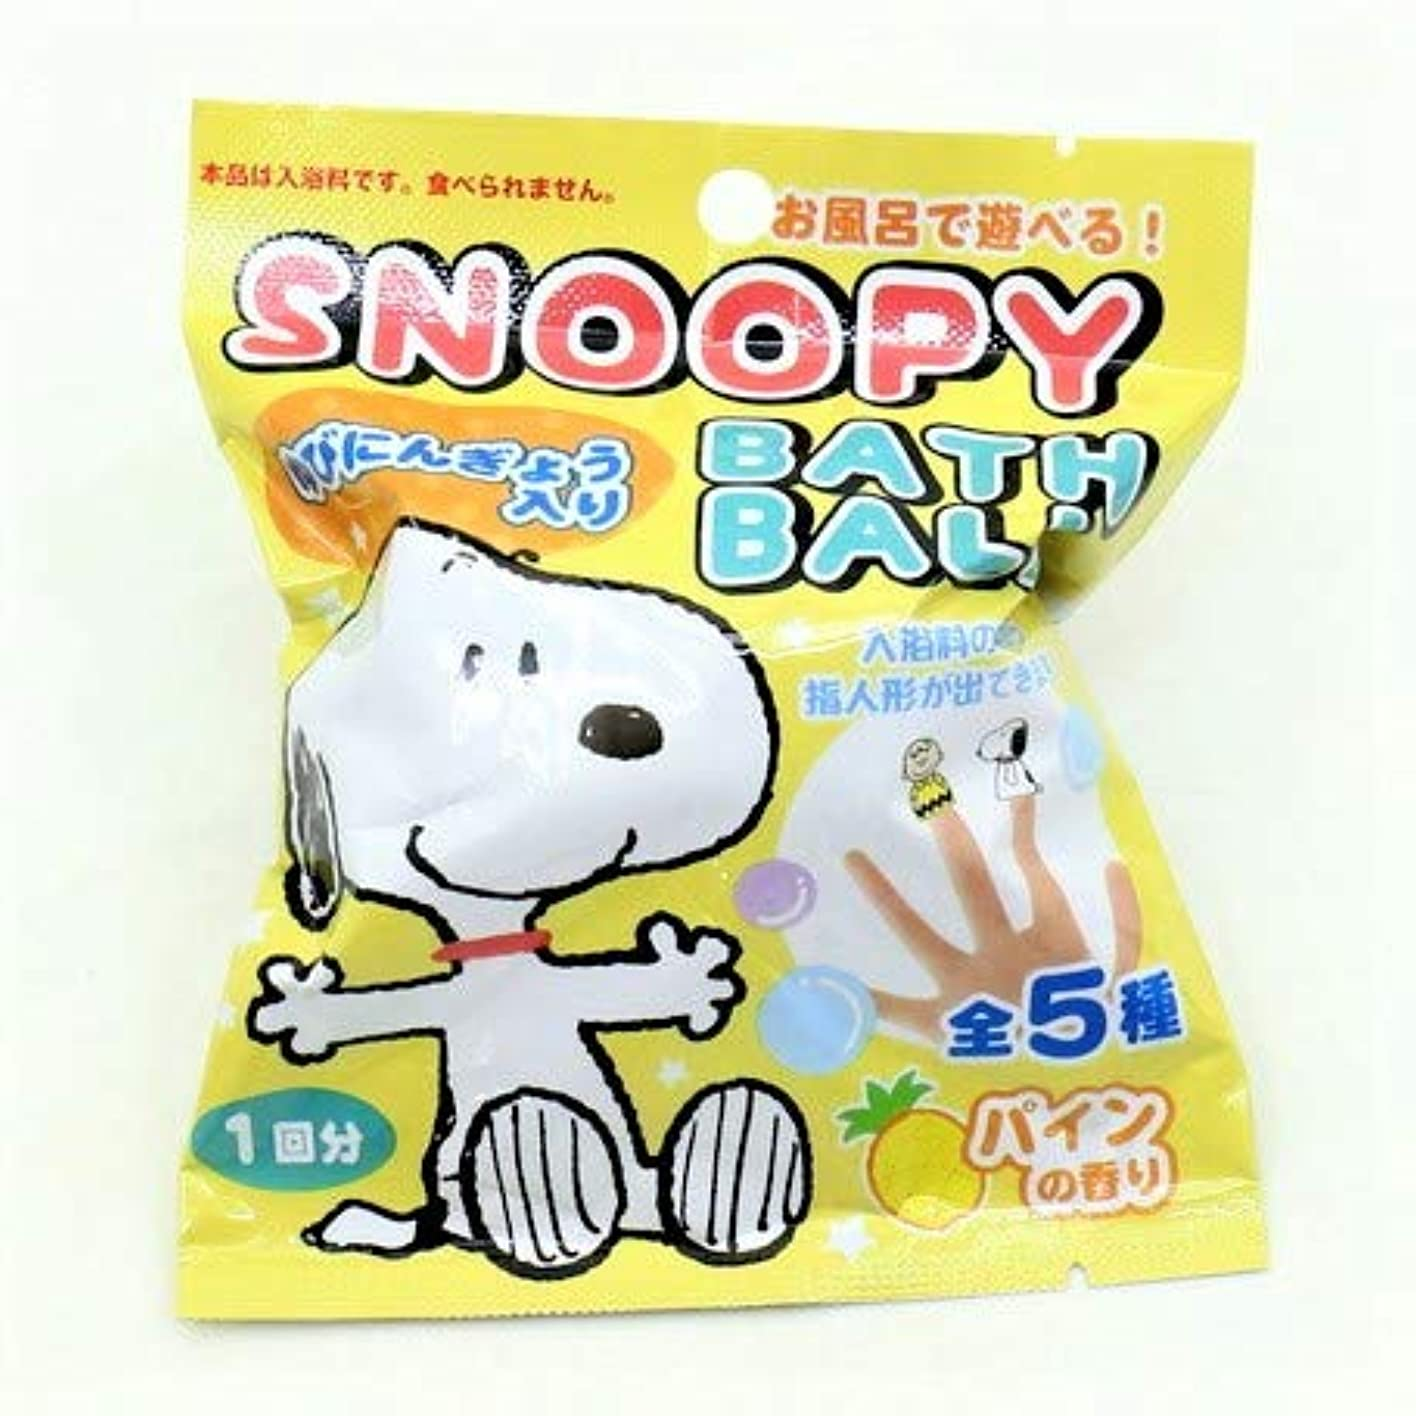 エンターテインメントチチカカ湖飲料スヌーピー バスボール 入浴剤 パインの香り 6個1セット 指人形 Snoopy